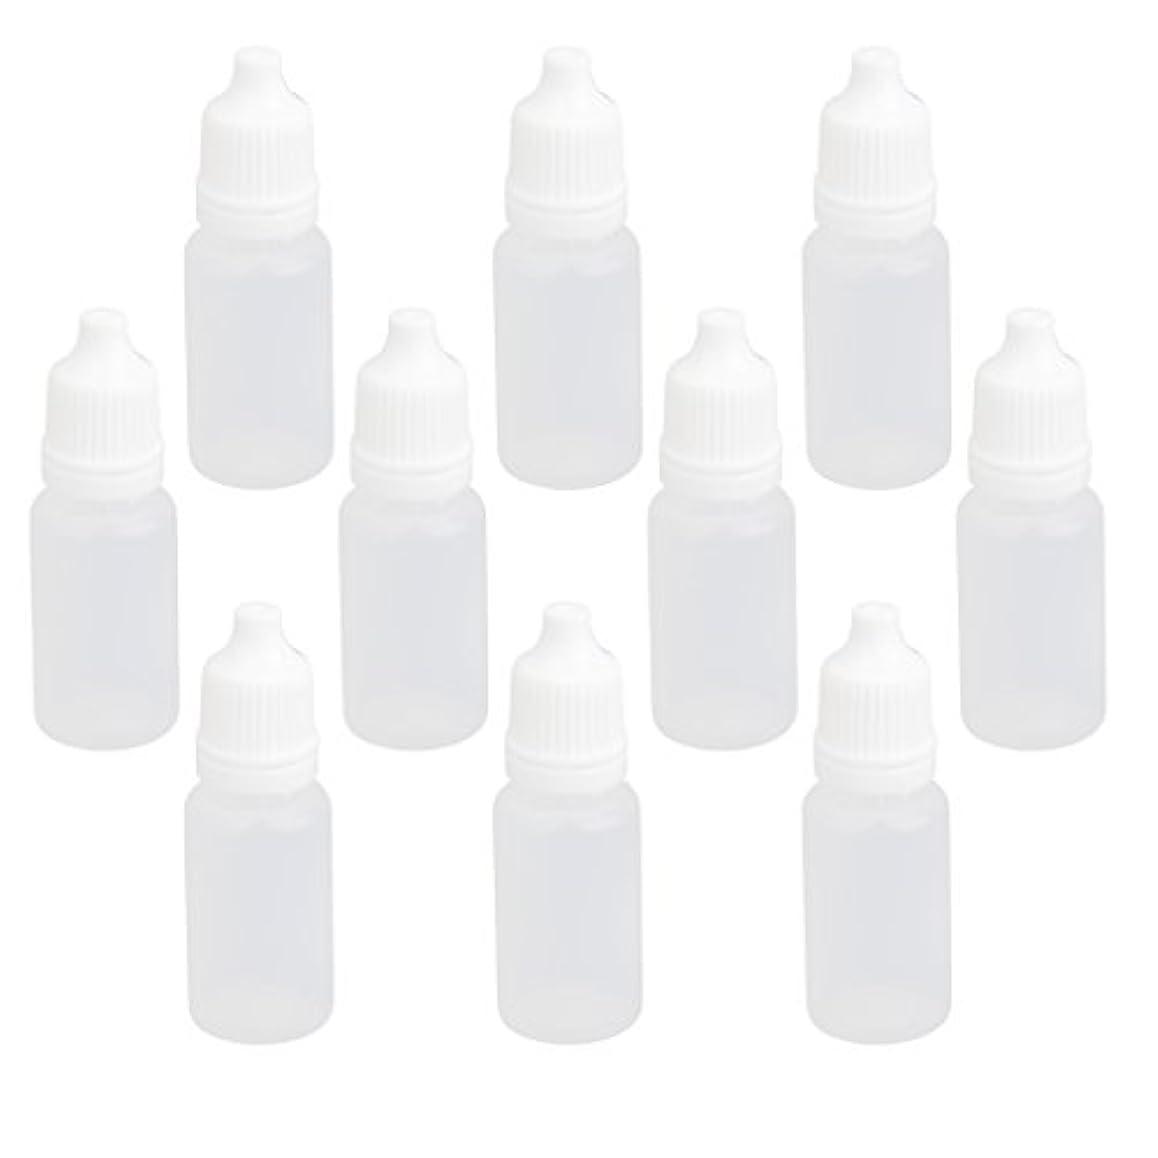 カートン追い付くモード【ノーブランド品】ドロッパーボトル 点眼 液体 貯蔵用 滴瓶 プラスチック製 10個 (10ml)